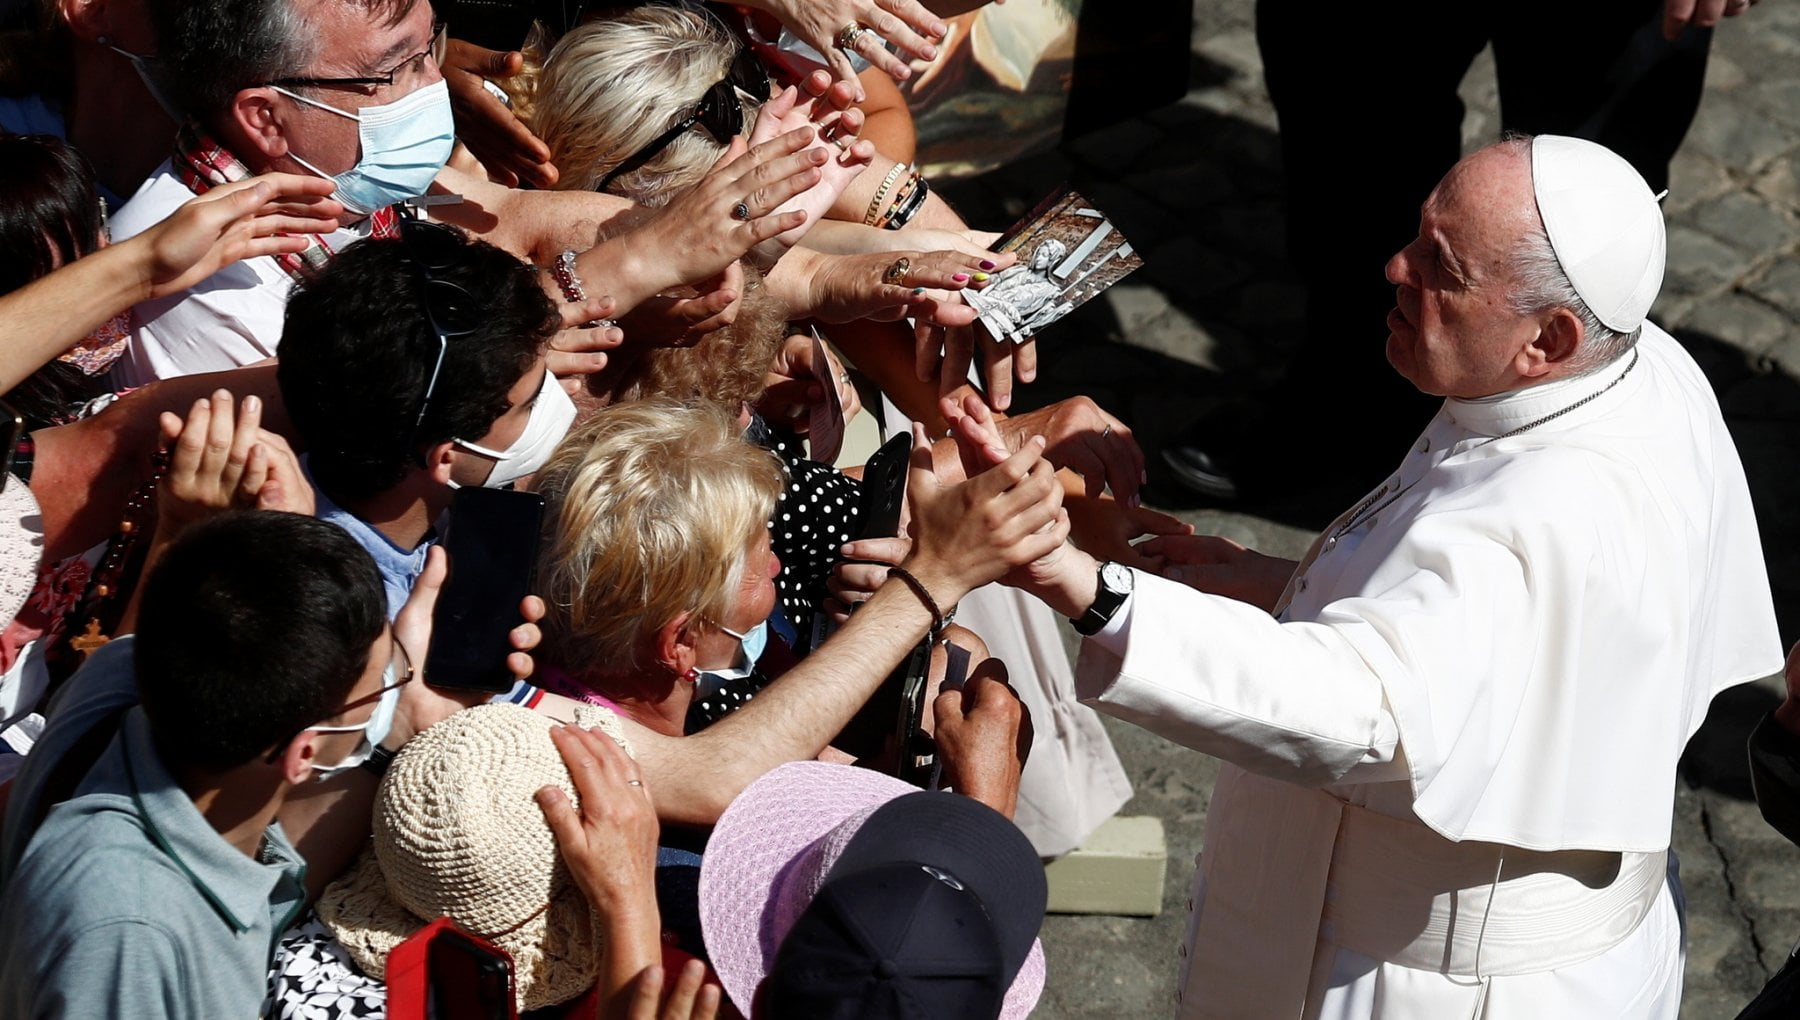 153656144 236cc757 cbdc 486e b6a2 6ed284ec2d05 - Il Papa al Gemelli per un intervento chirurgico al colon